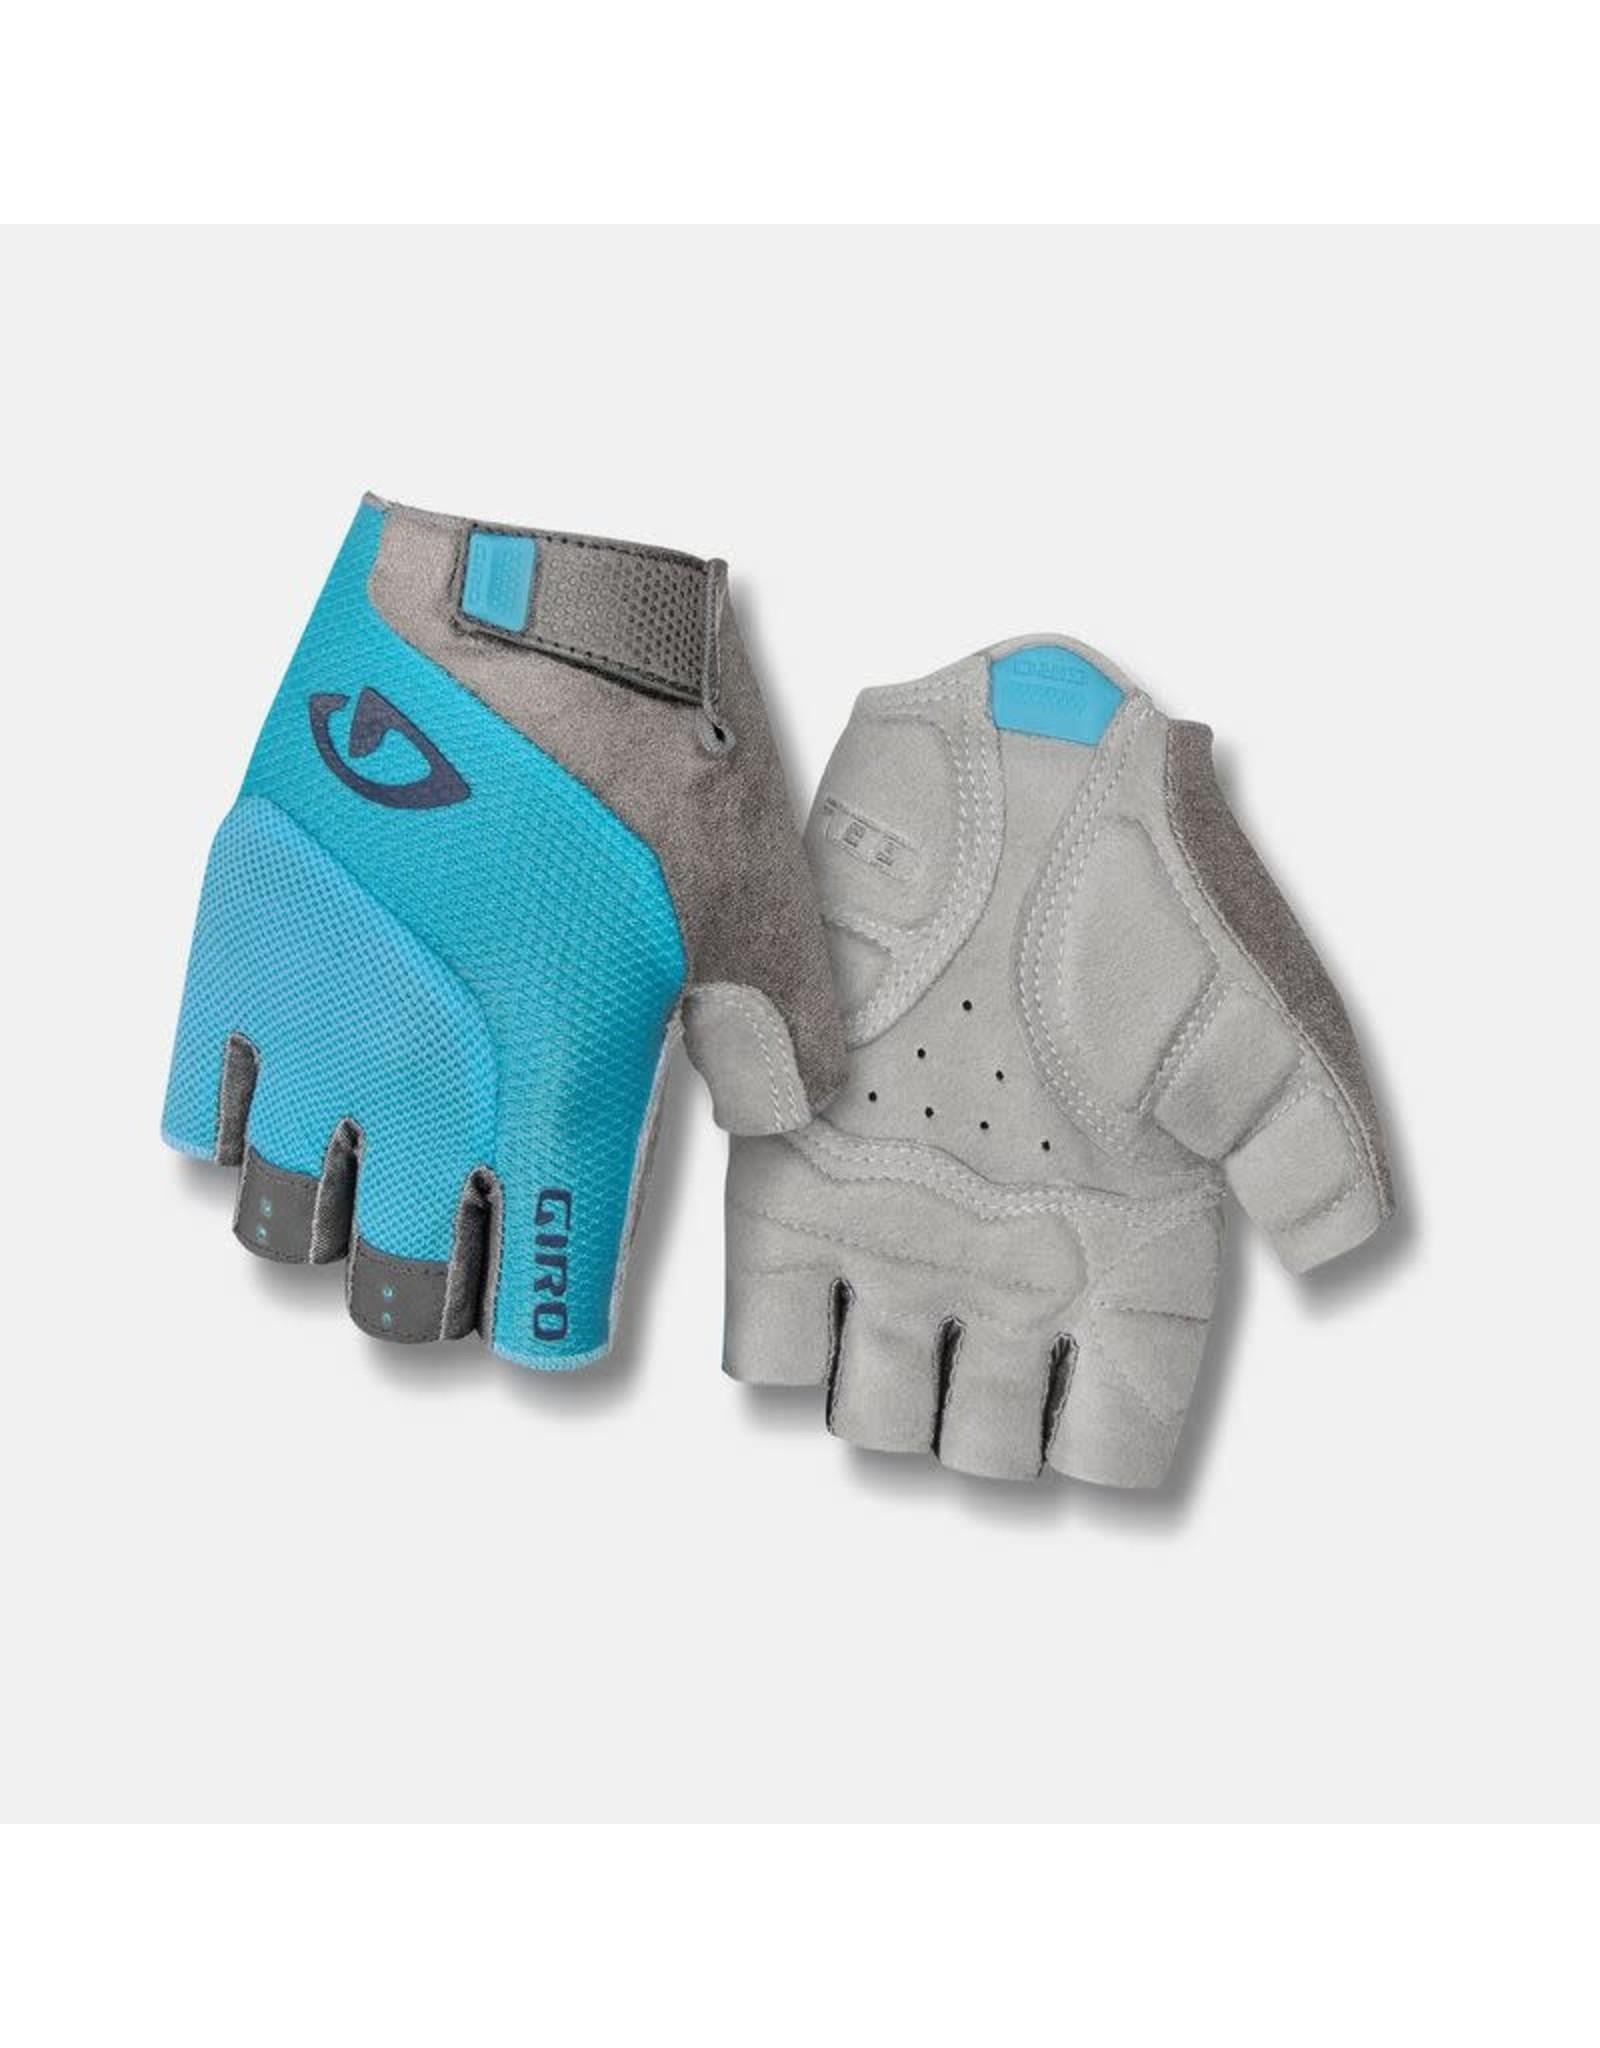 Giro Cycling GIRO, Glove, Tessa